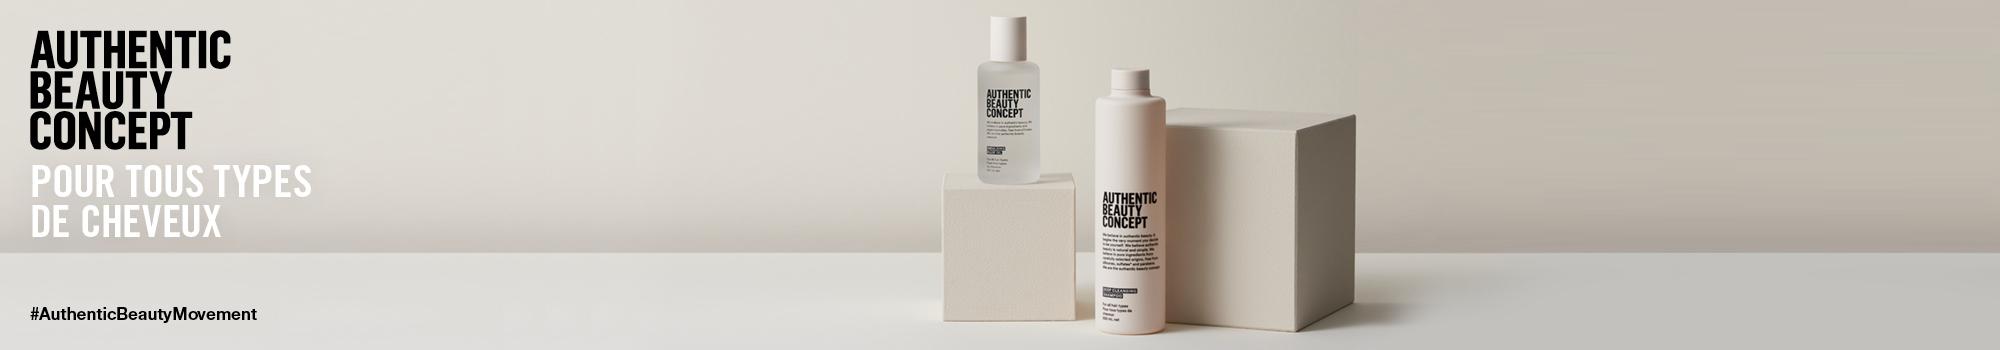 ABC Gamme tous types de cheveux Authentic Beauty Concept